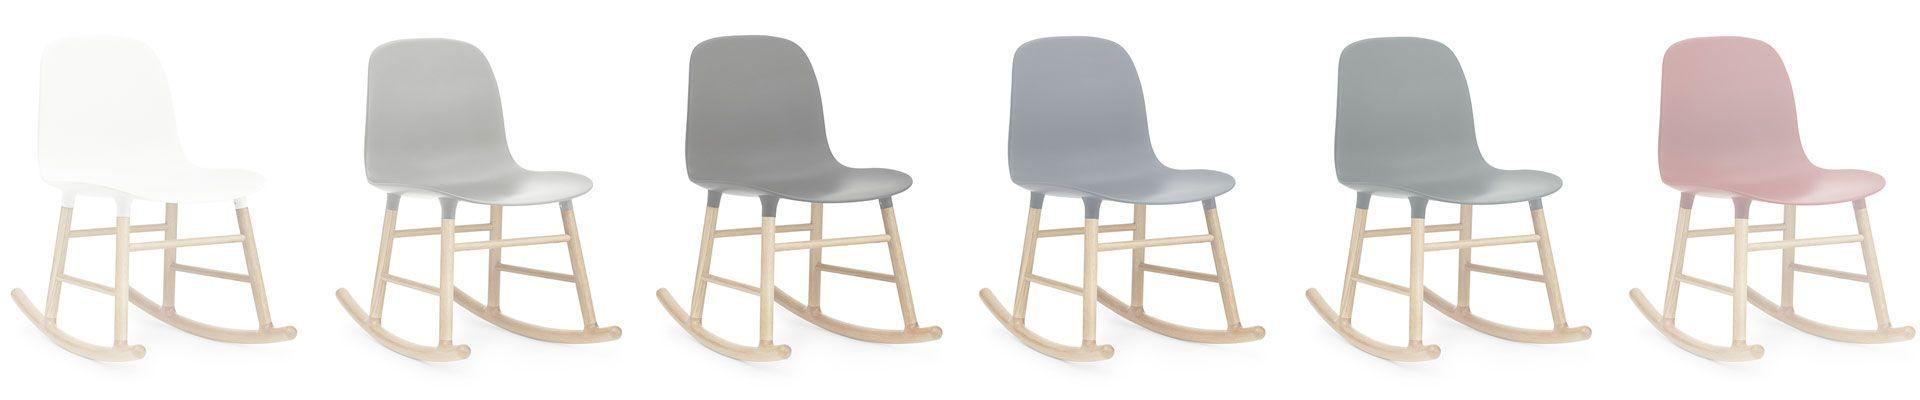 Normann Copenhagen schommelstoelen